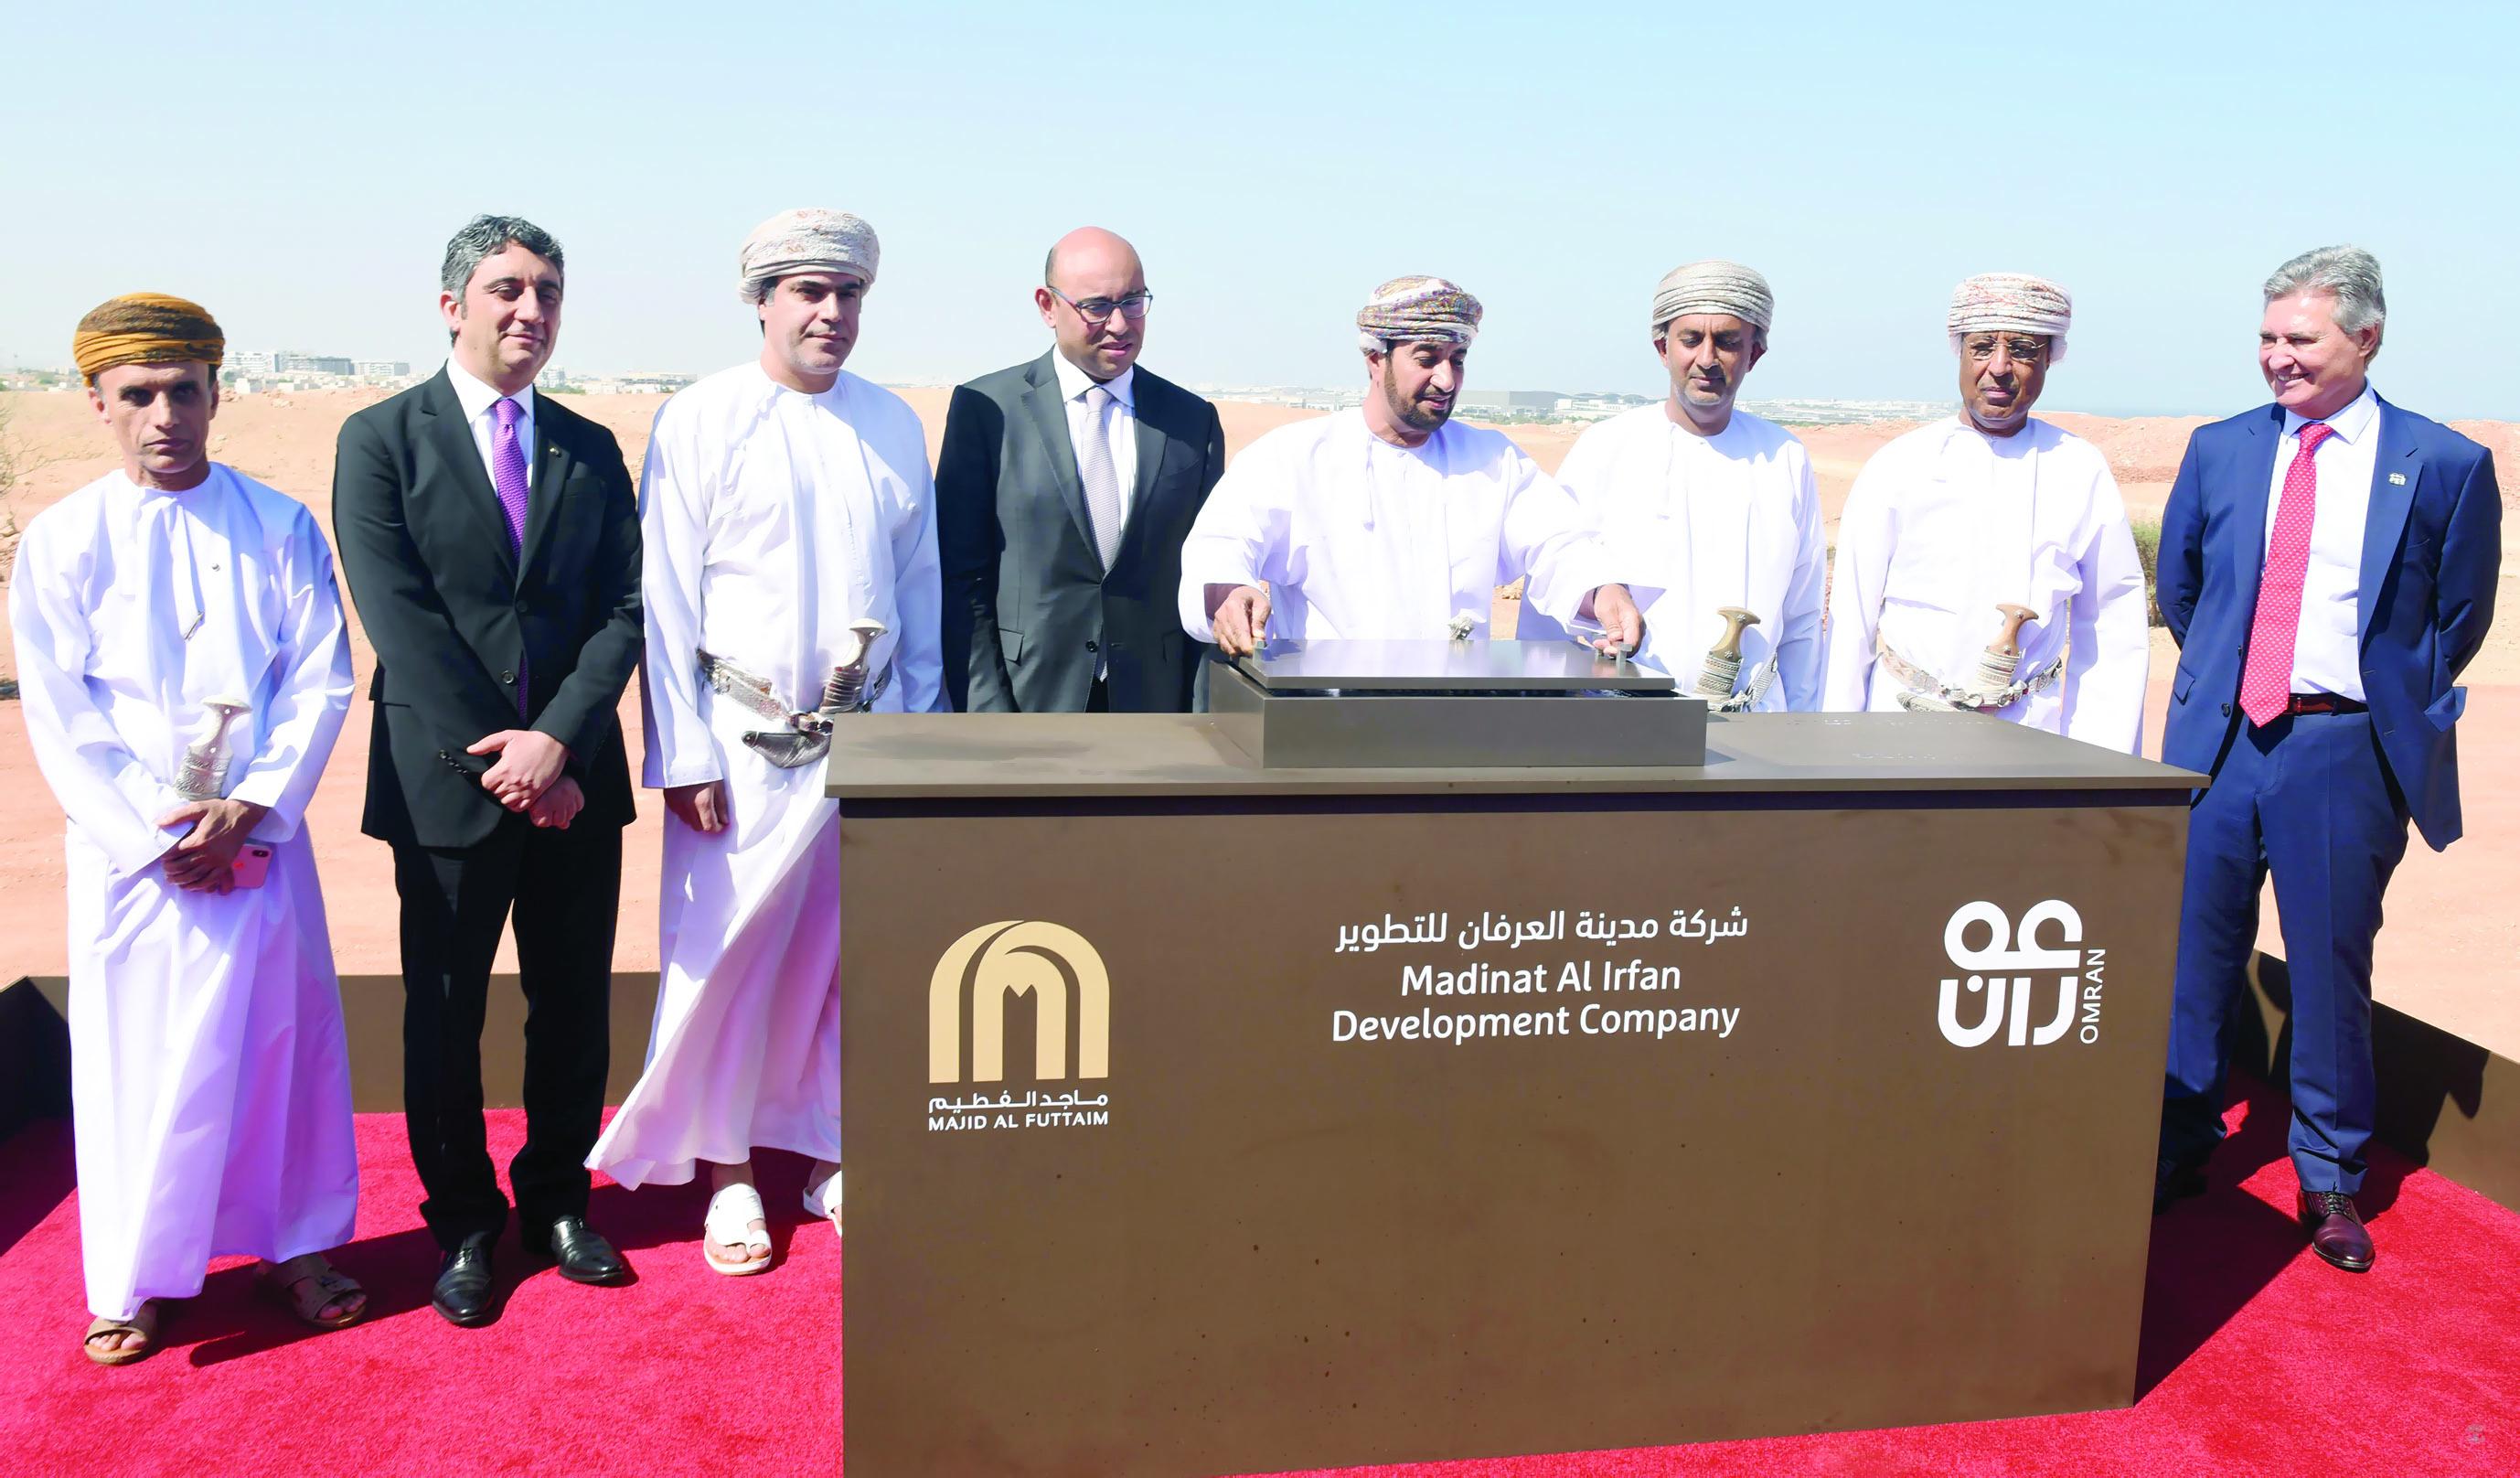 يوفر 30 ألف وظيفة وقيمته الاستثمارية 5 بليون ريال عماني.. وضع حجر الأساس لمدينة العرفان